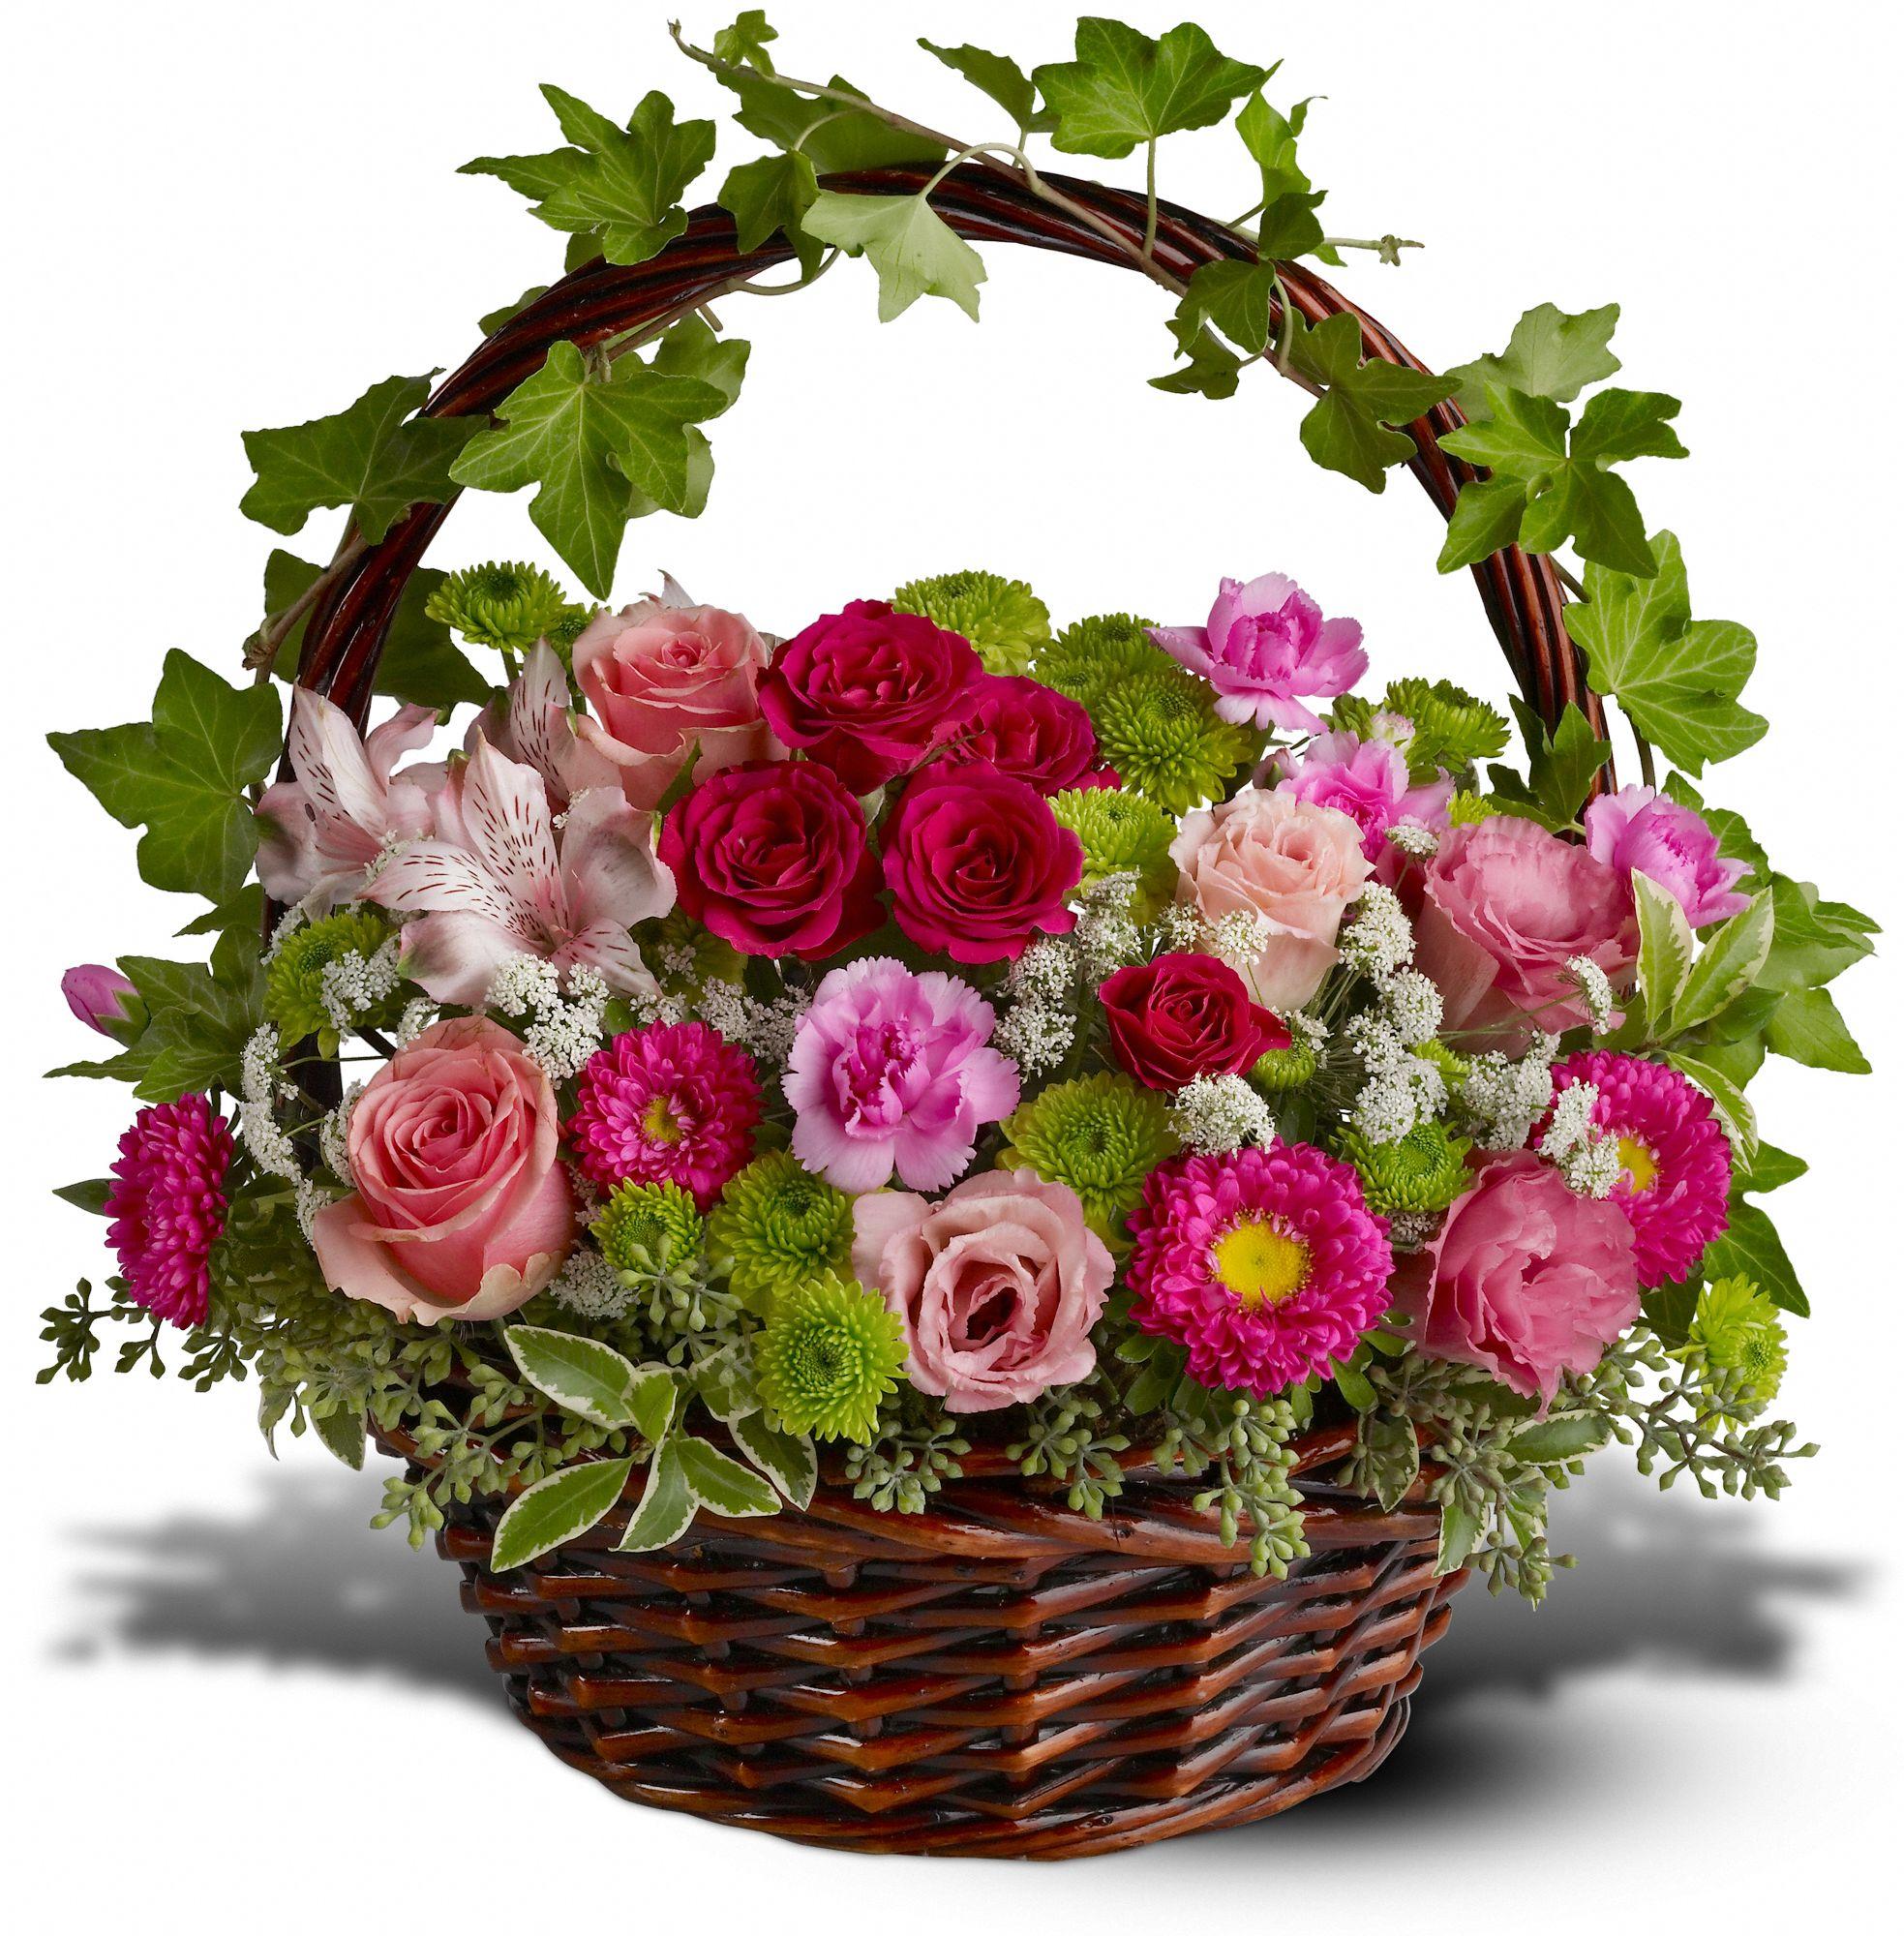 Flower Gift Basket - Victorian Garden